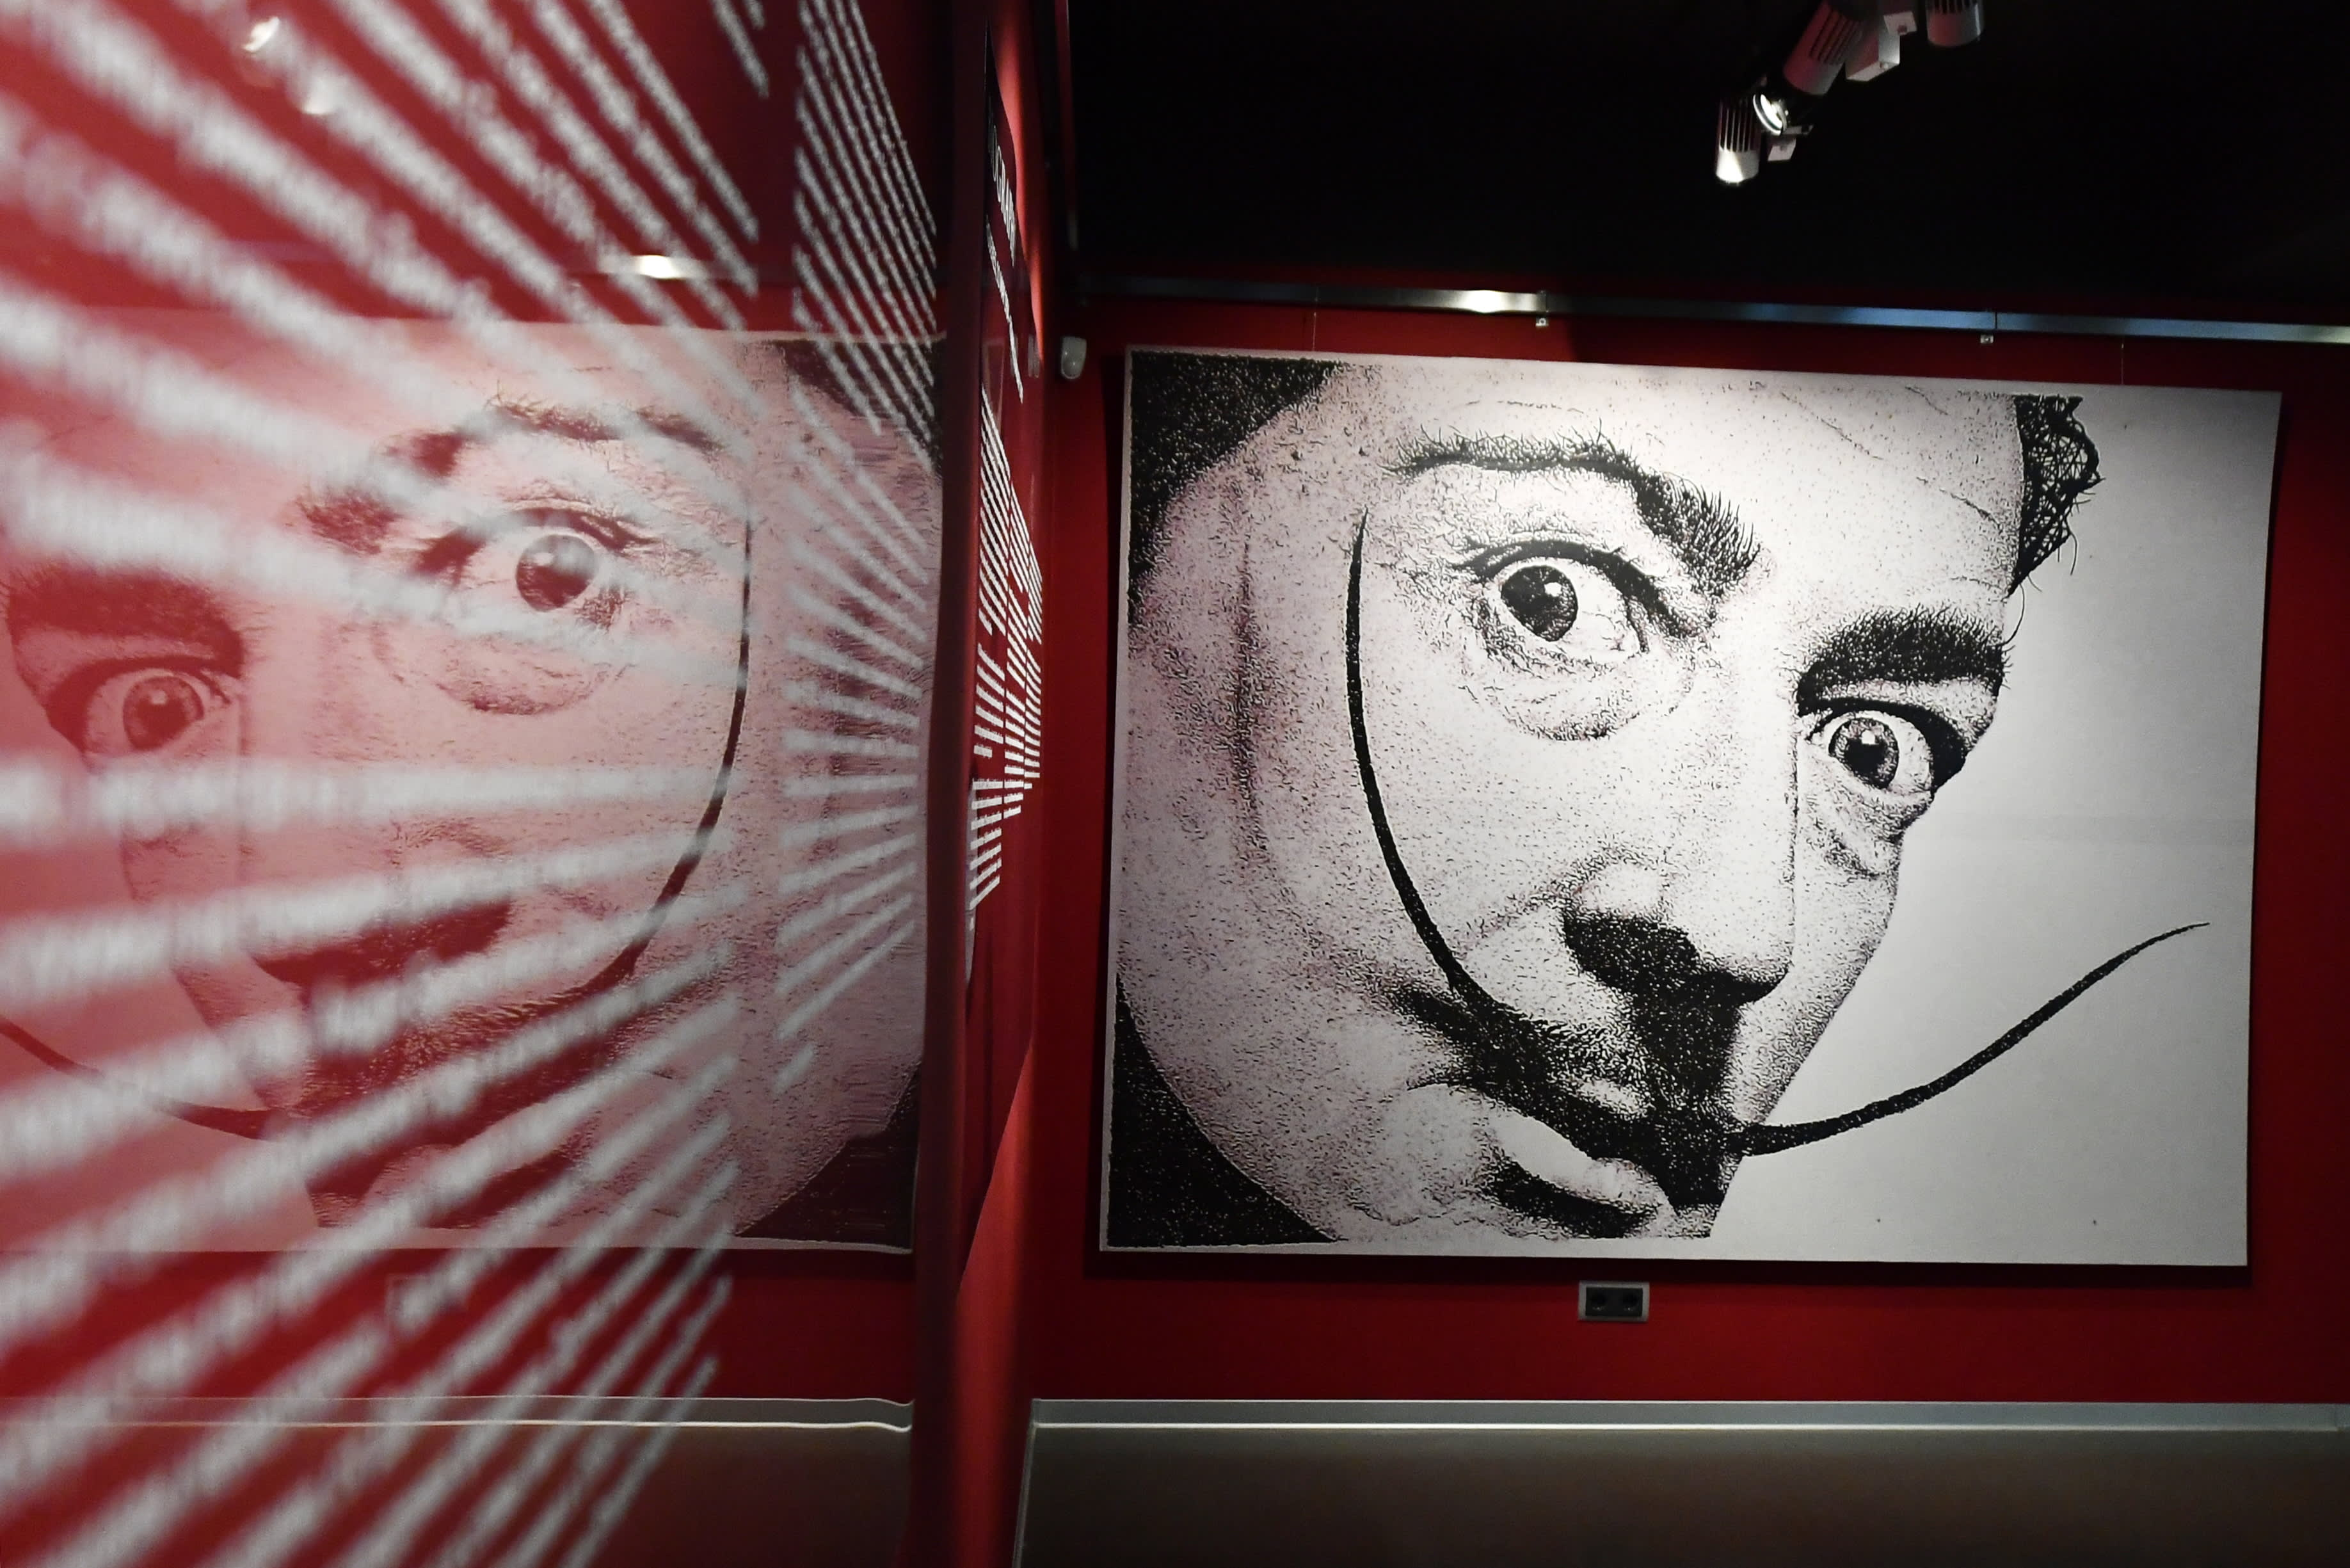 Taiteilija Salvador Dalí. Kuva Dalín veistosnäyttelystä Pietarista.